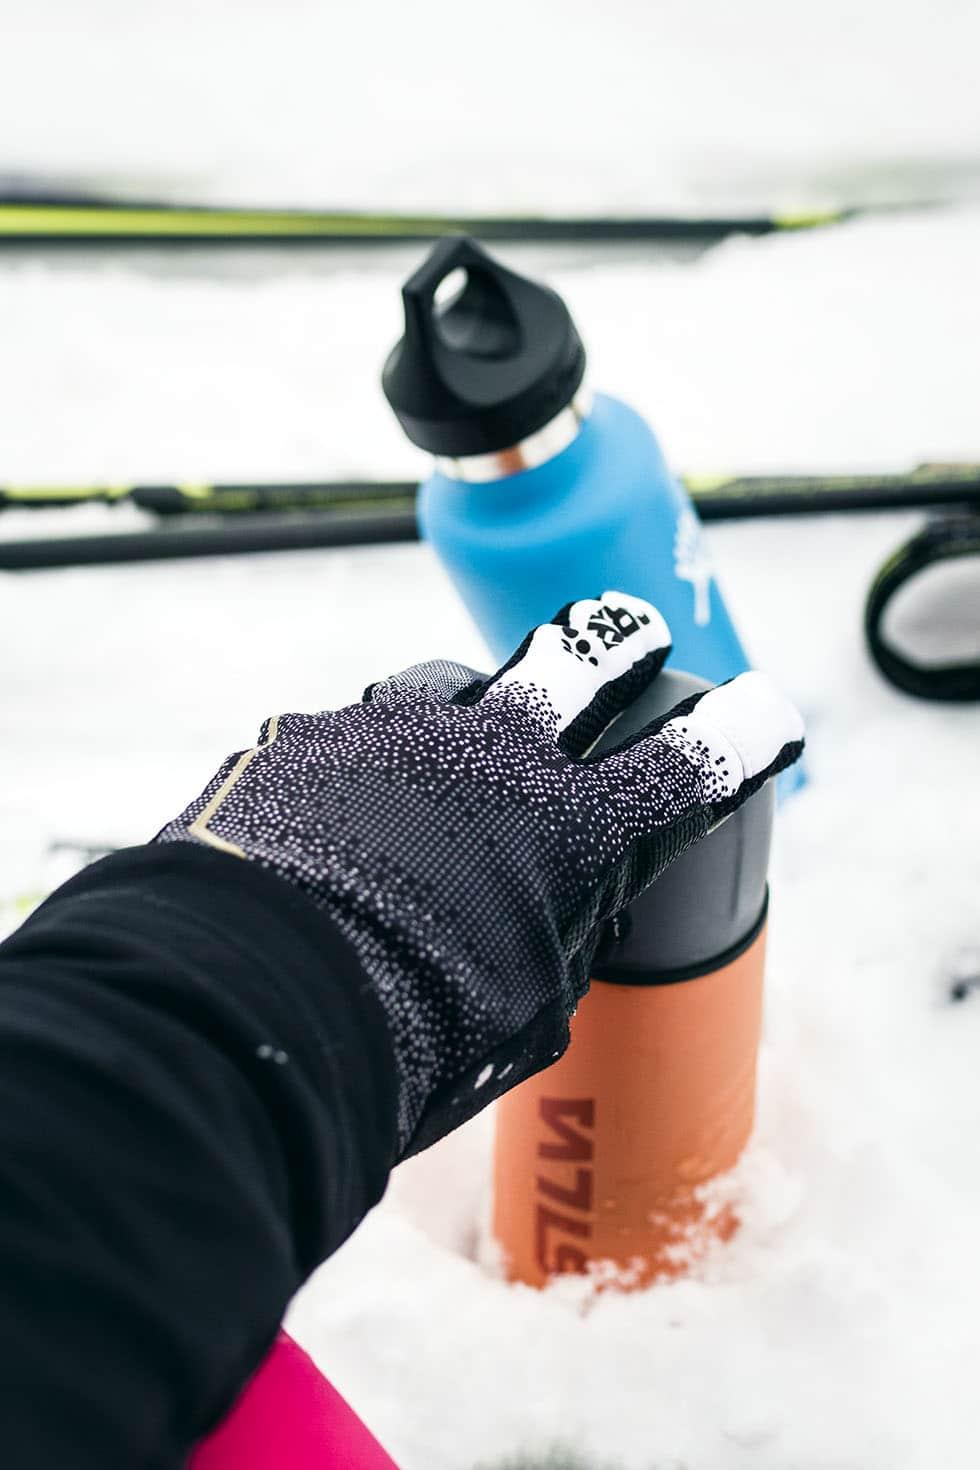 Marit Björgens handske podium glove Craft Sportswear